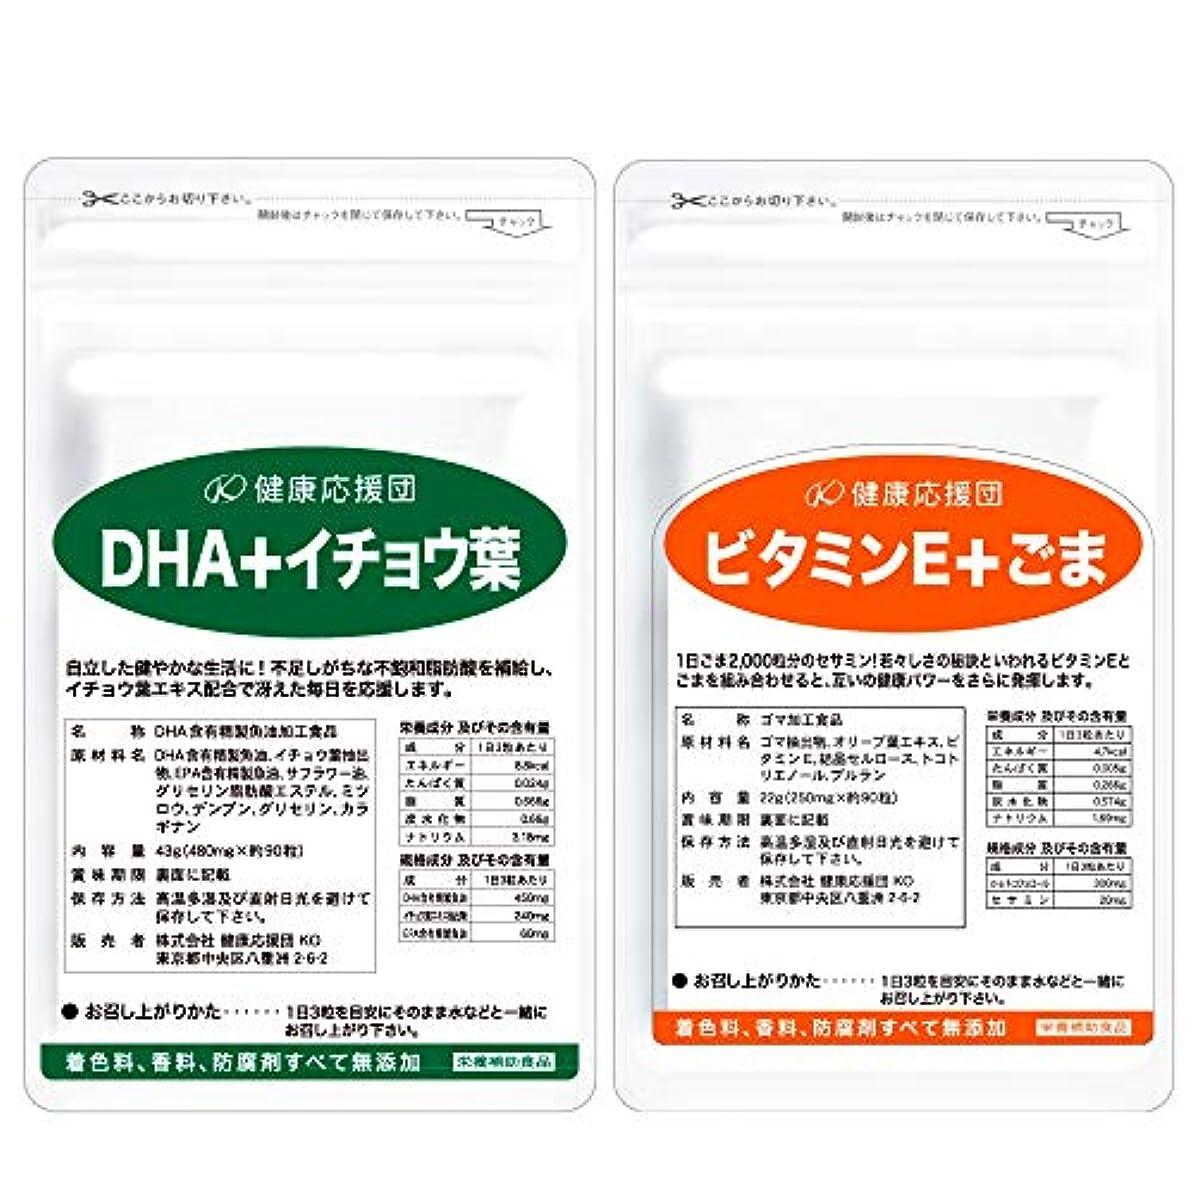 民間人通路匿名(お徳用3か月分)毎日元気セット(ビタミンE+ごま)+(DHA+イチョウ葉エキス) 3袋&3袋セット(DHA?EPA?ビタミンE?セサミン)